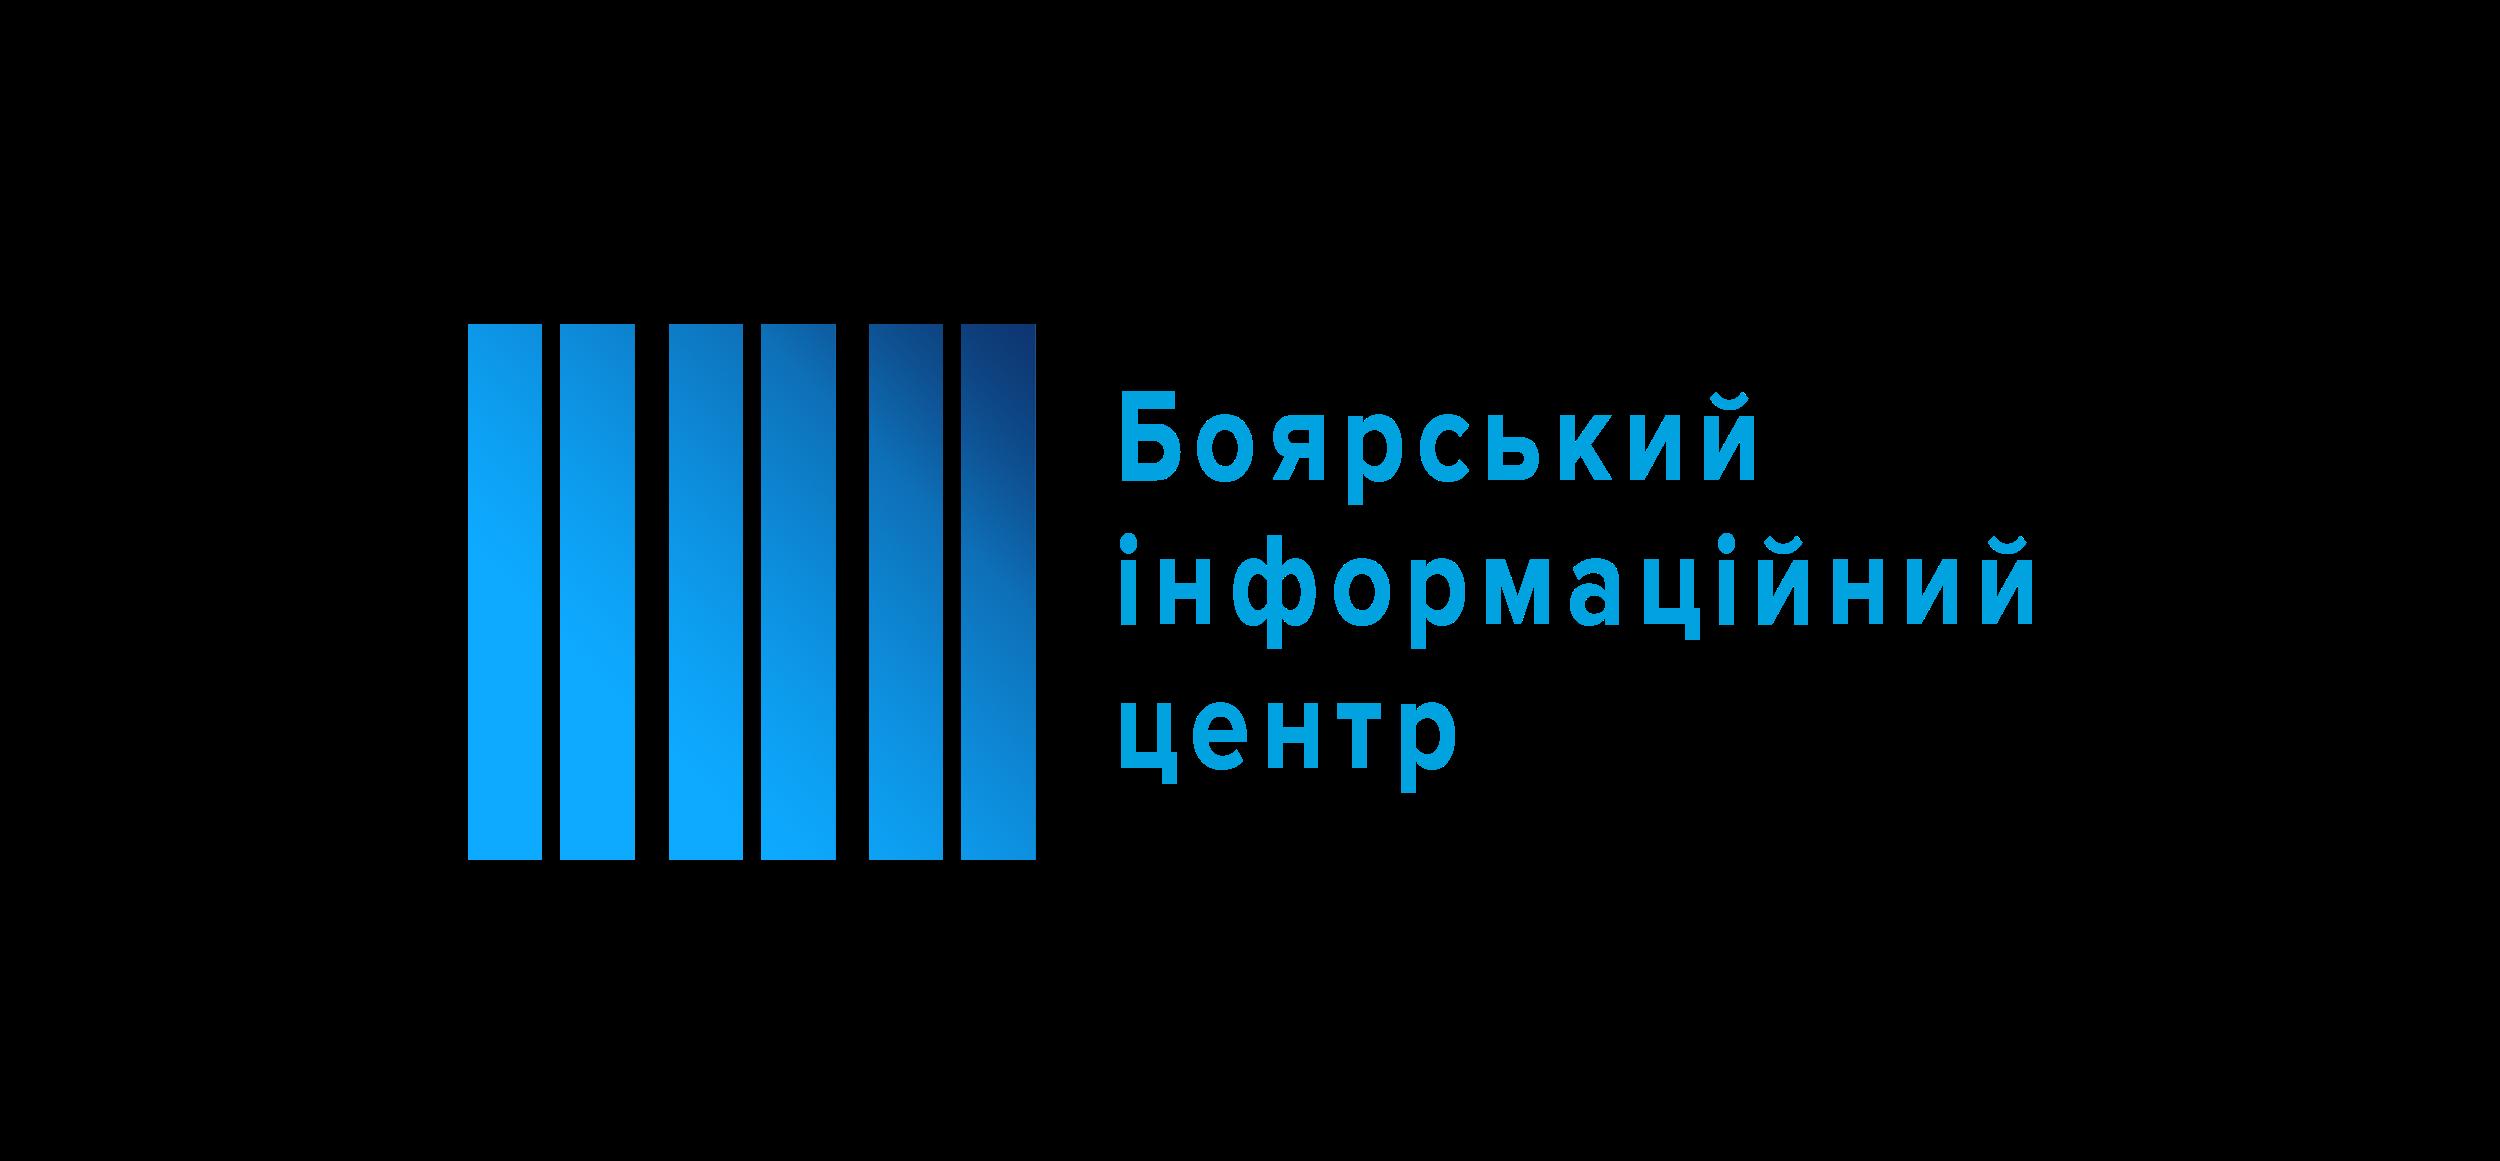 komunalne-pidpryiemstvo-boiarskyi-informatsiinyi-tsentr-mboiarka-kyyivskoyi-oblasti